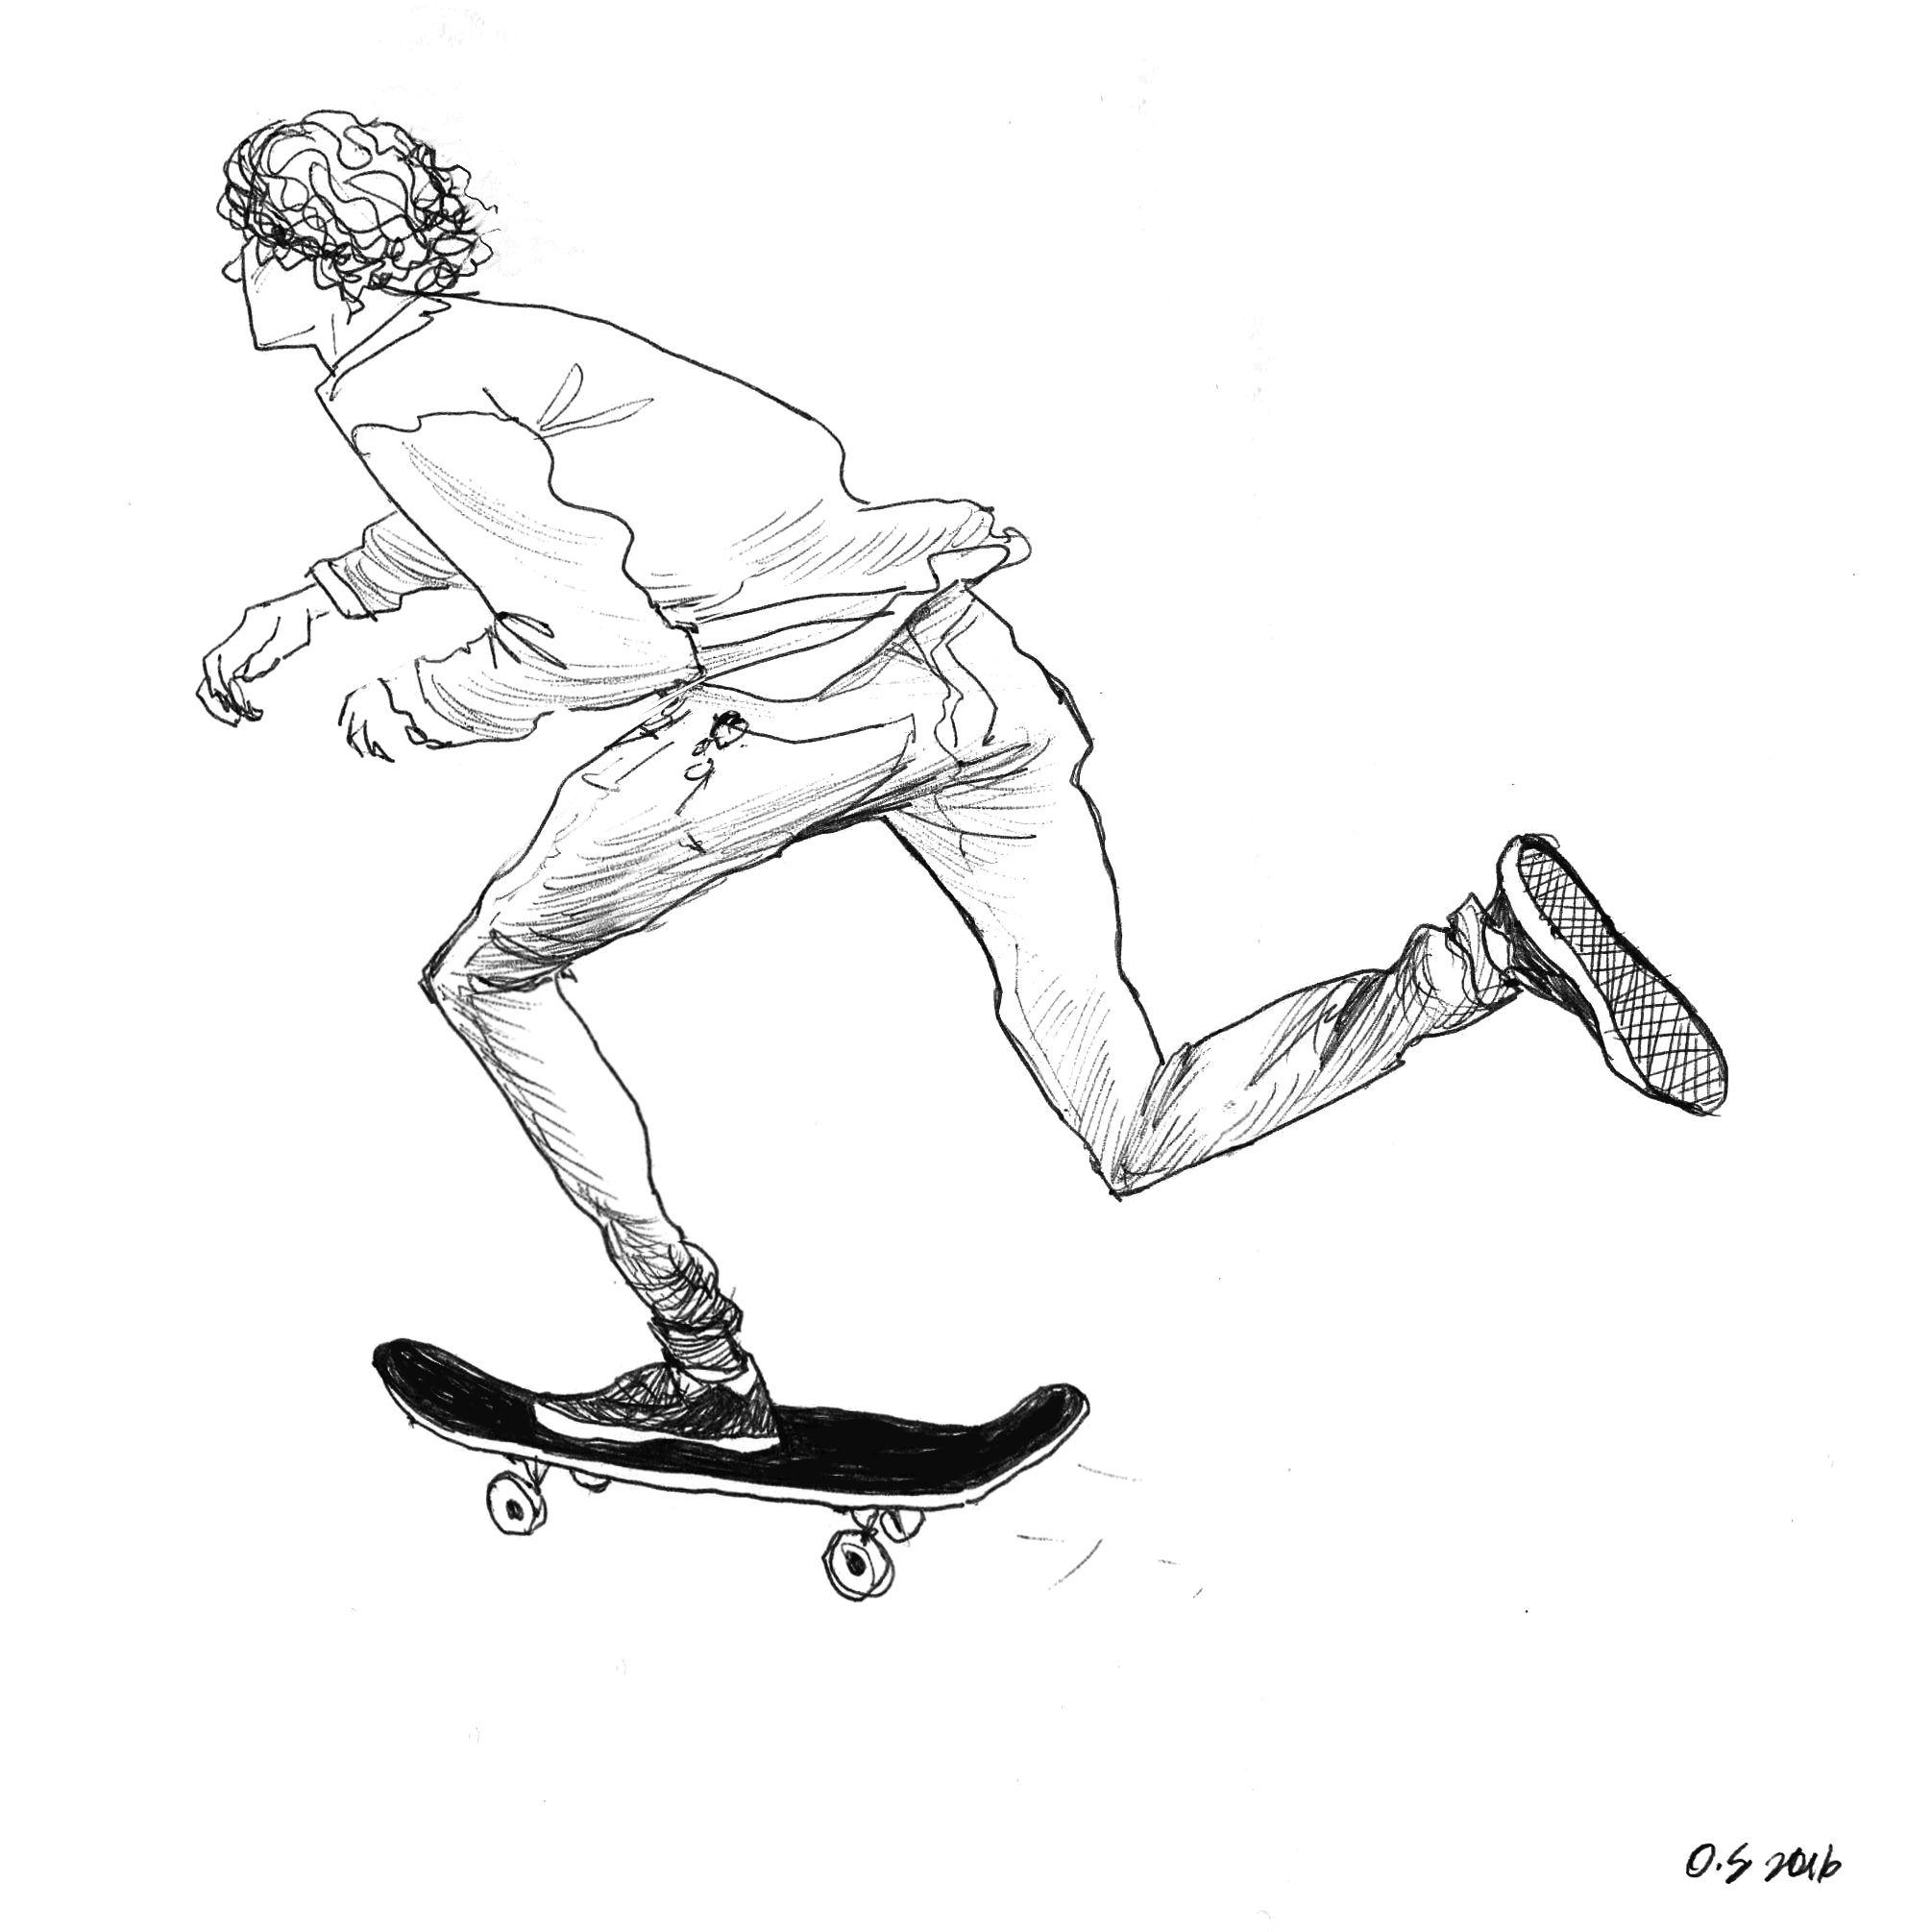 Sketchbook Skate Illustration Skateboarder Drawing Skate Art Skateboard Art